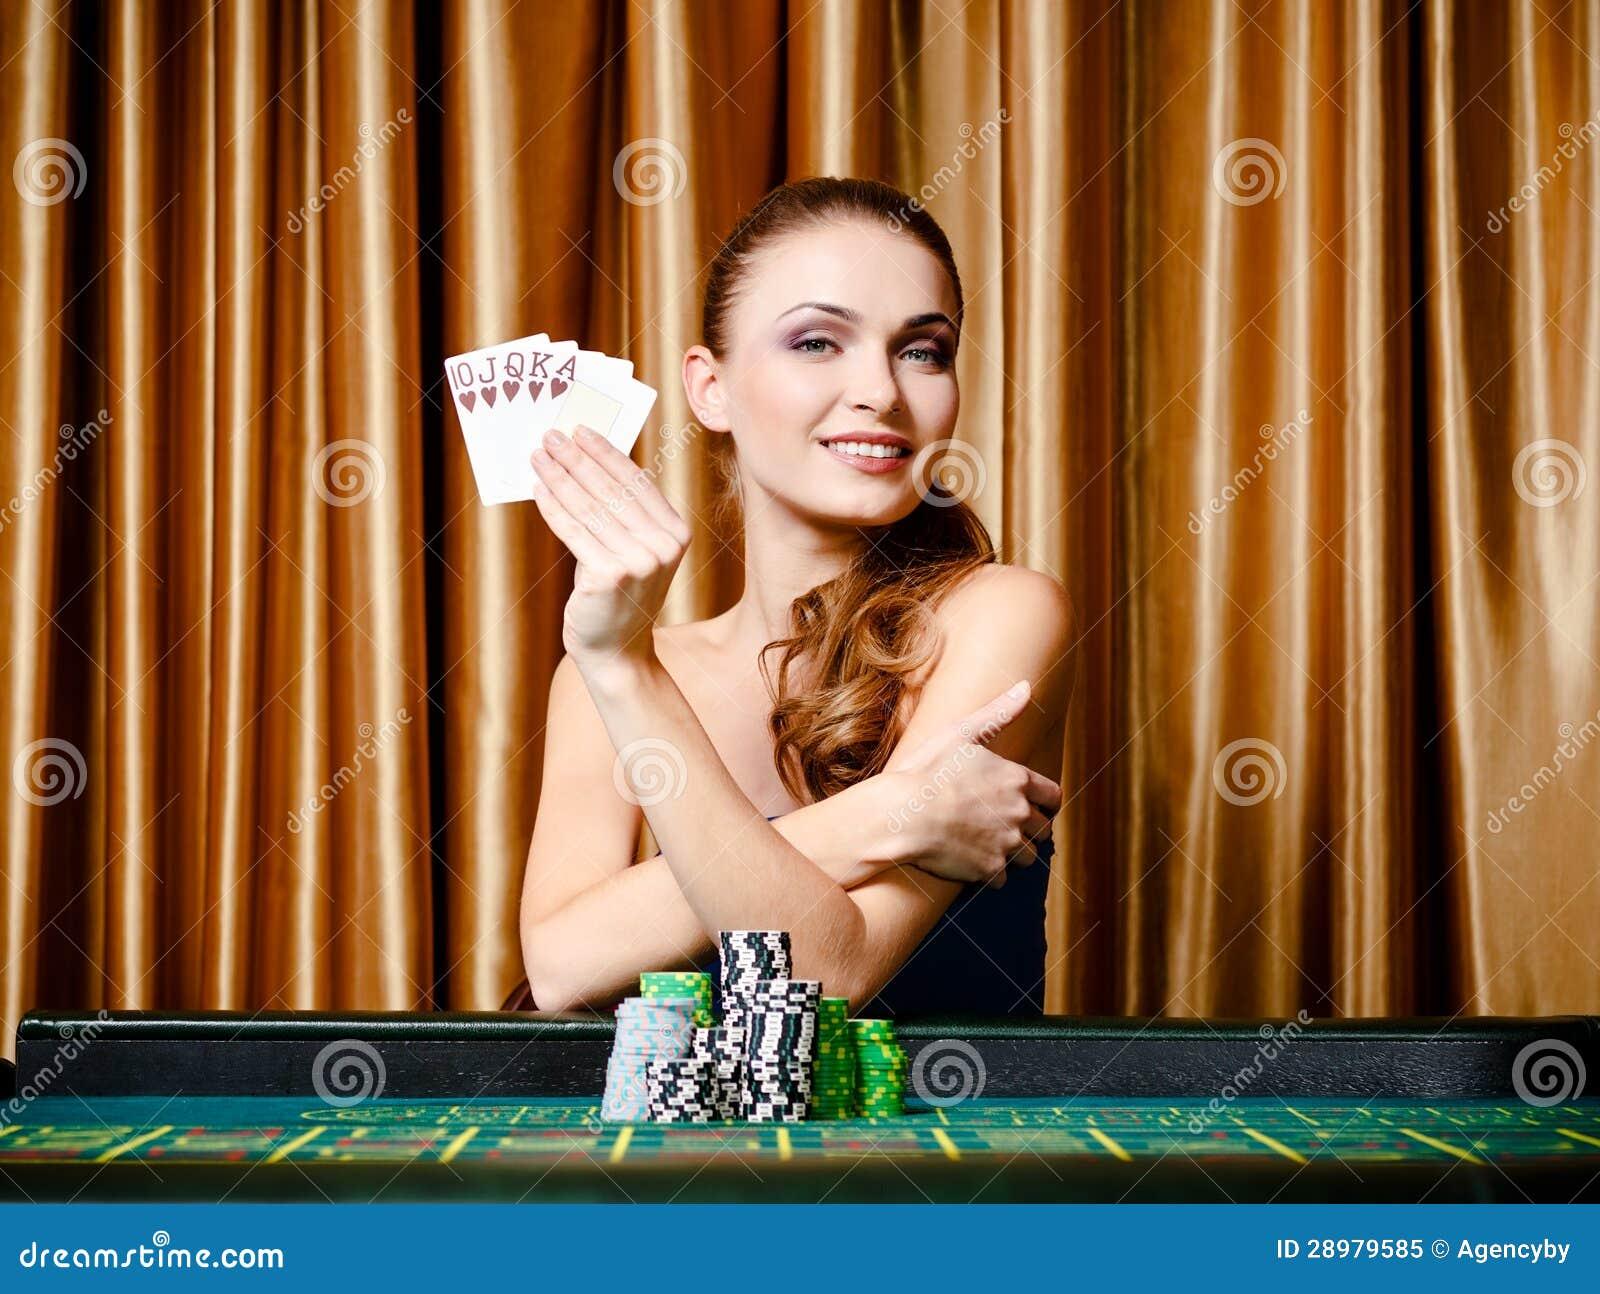 Female Gambler